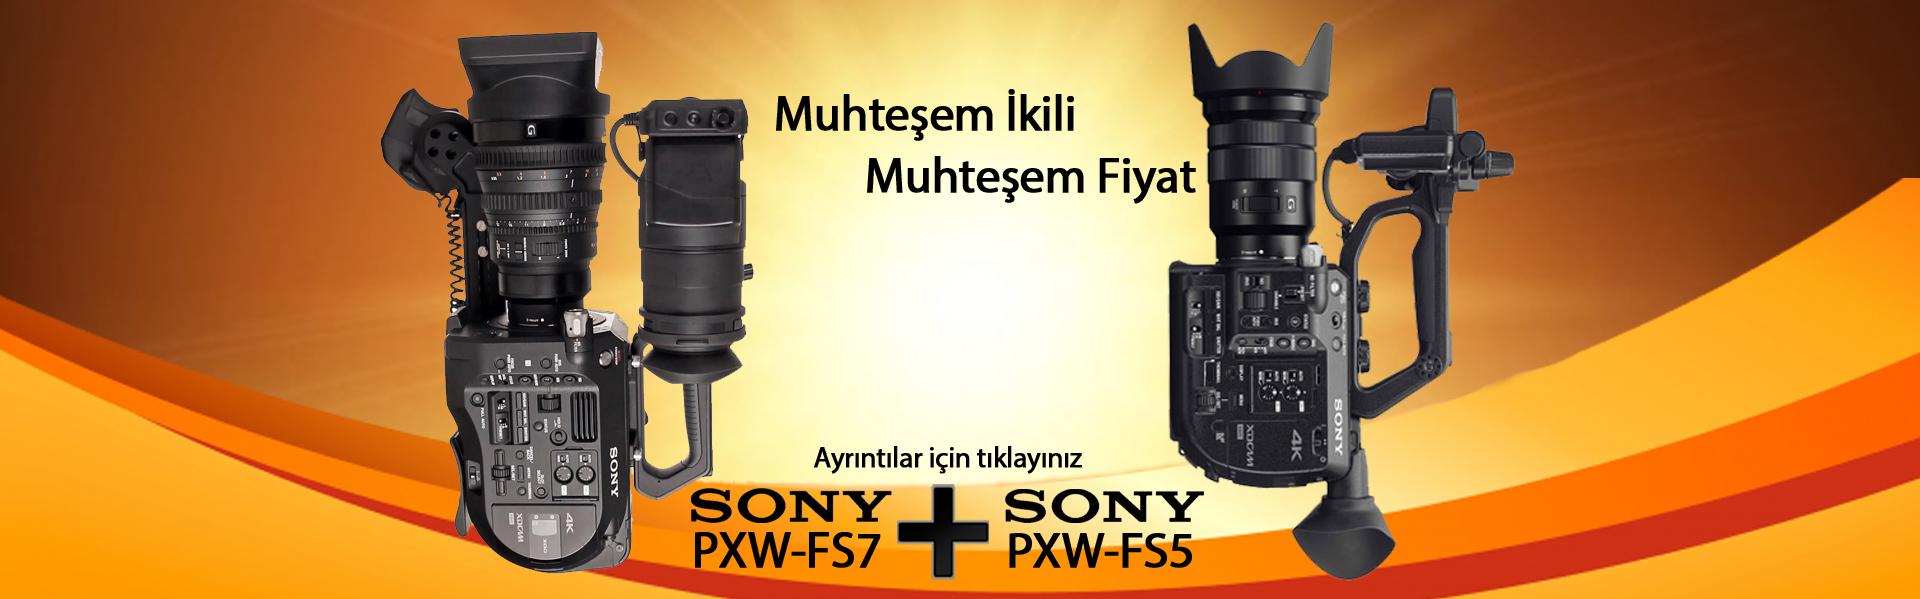 fs5-fs7-kampanyası